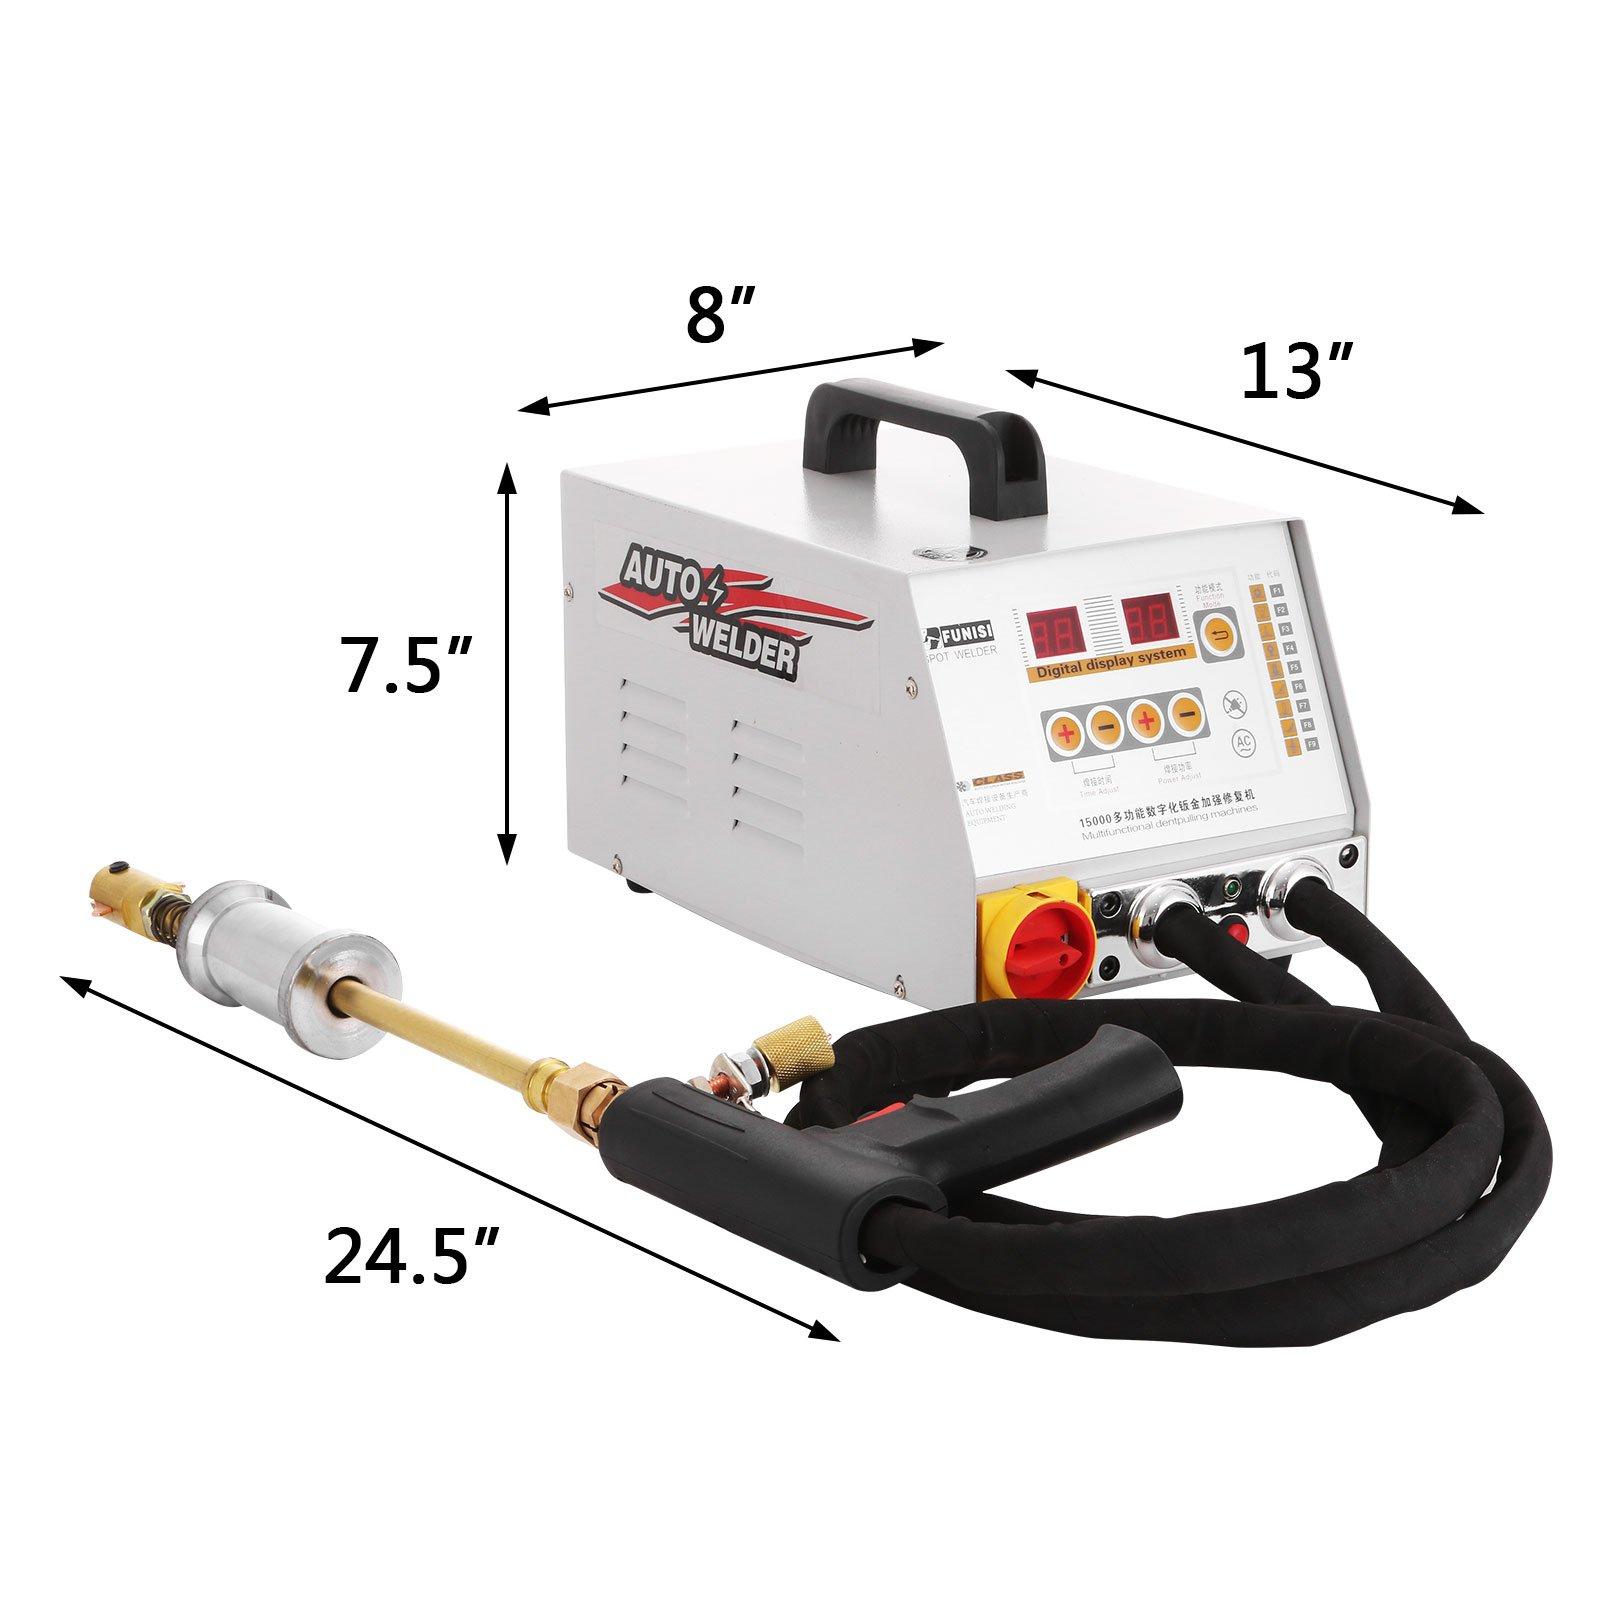 Bestauto Dent Puller 12KW Spot Welder 2600A Car Dent Repair for Vehicle Panel Spot Puller Dent Bonnet Door Repair by Bestauto (Image #2)